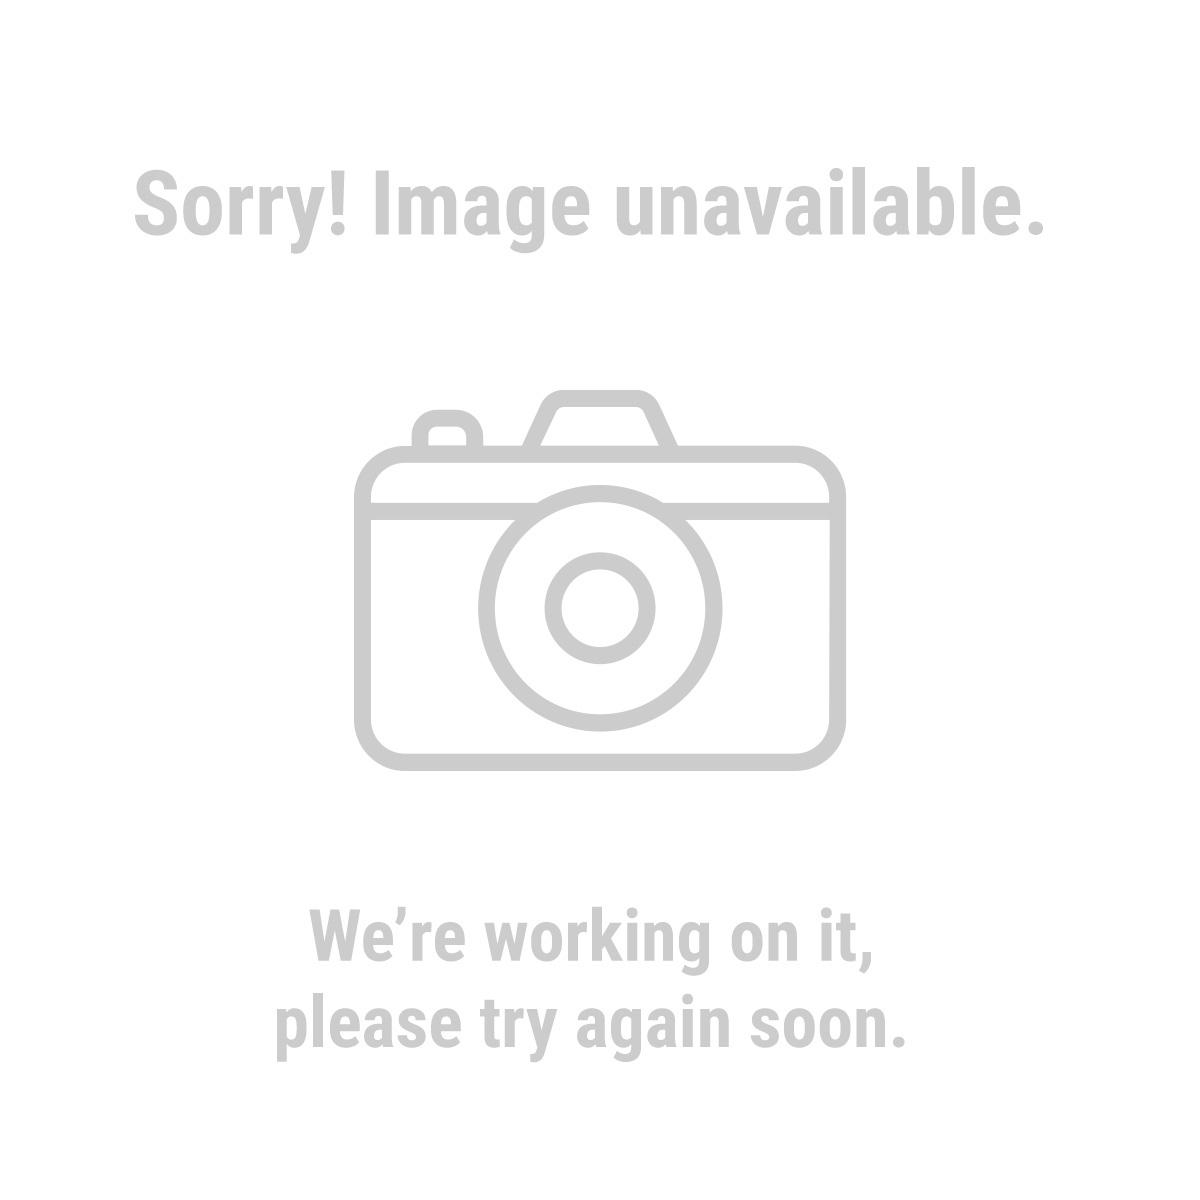 Chicago Electric Welding 94846 Oxygen Regulator